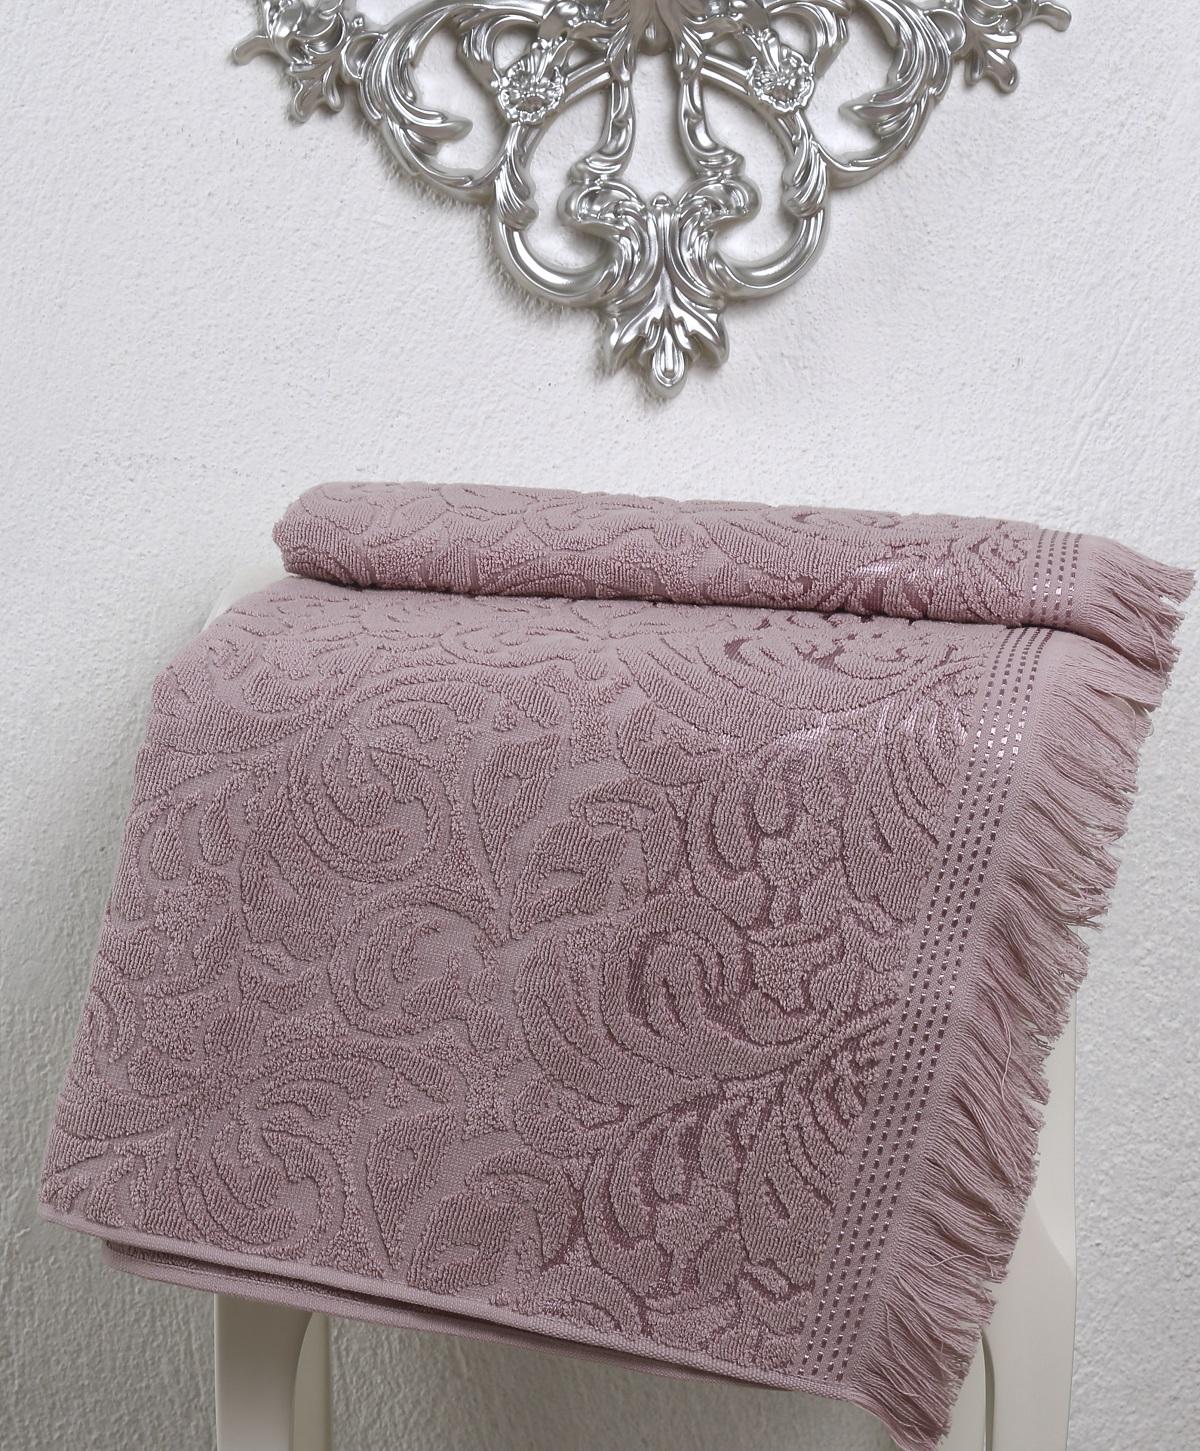 Купить Полотенца Karna, Полотенце Esra Цвет: Грязно-Розовый (90х150 см), Турция, Махра